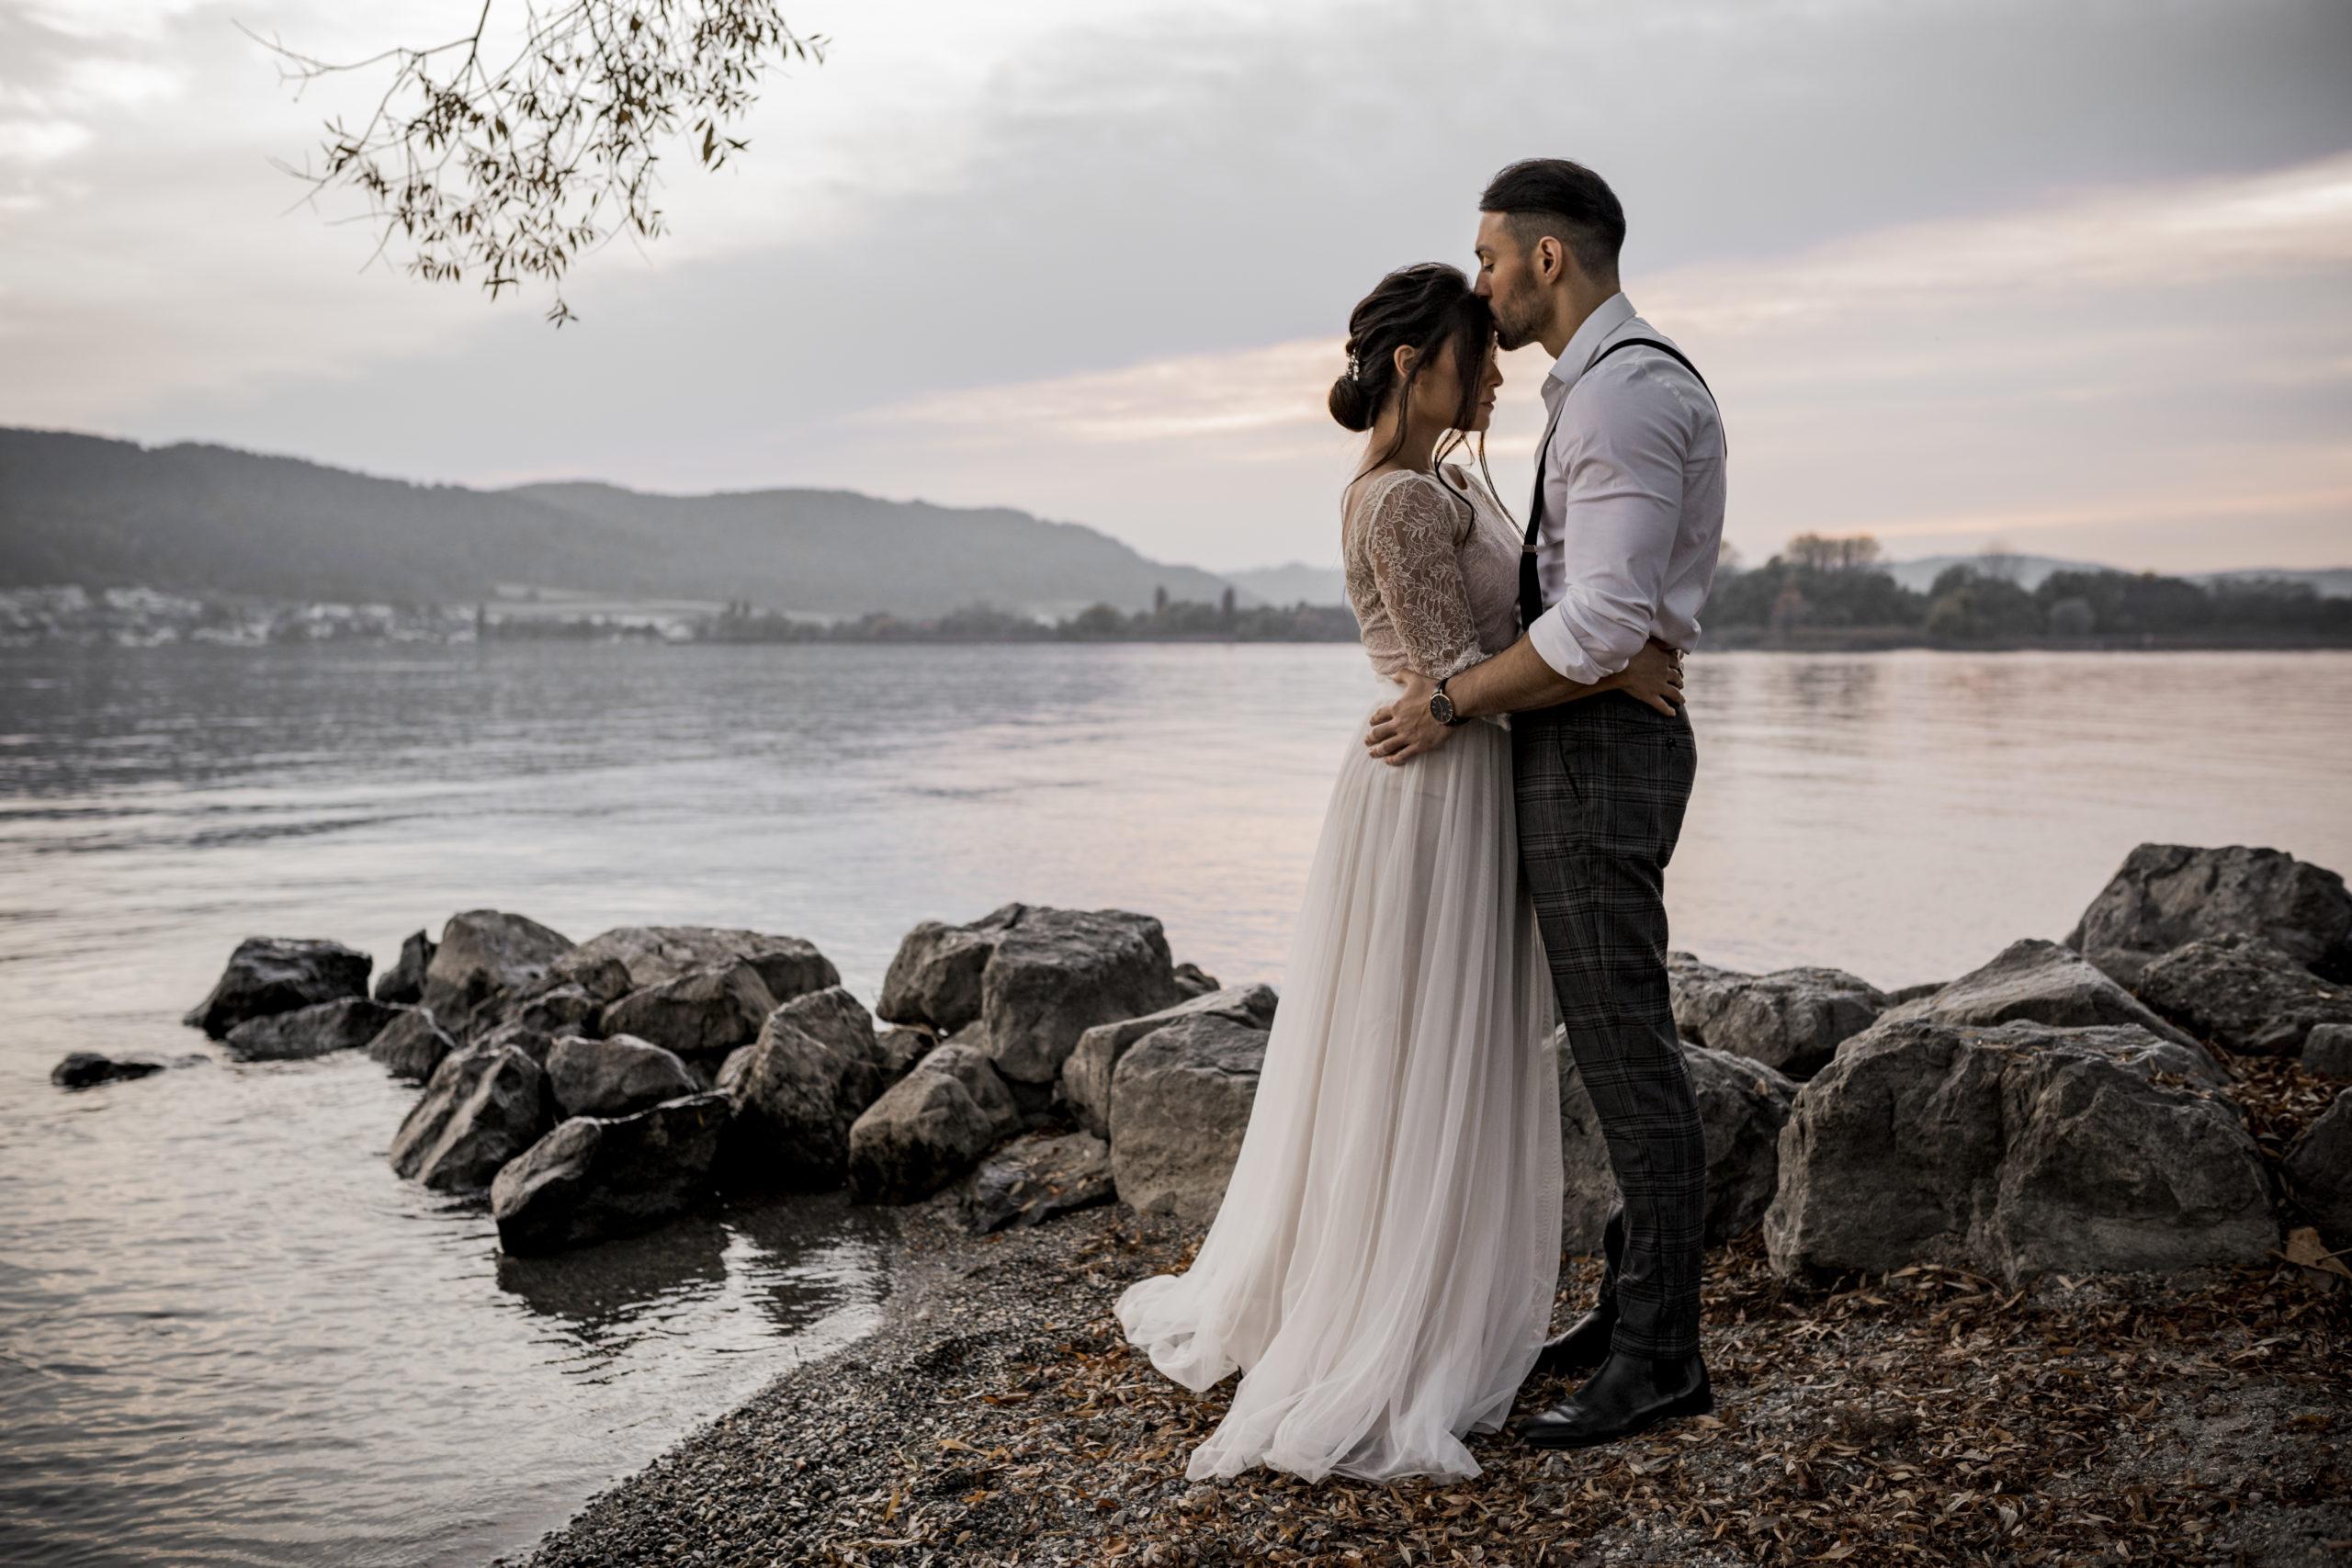 noni Brautmode, Styled Shoot am Bodensee, Model-Pärchen am Seeufer bei Sonnenschein, Braut mit zweiteiligem Brautkleid in Puderrosa-Optik, Bräutigam mit Hemd und Hosenträgern